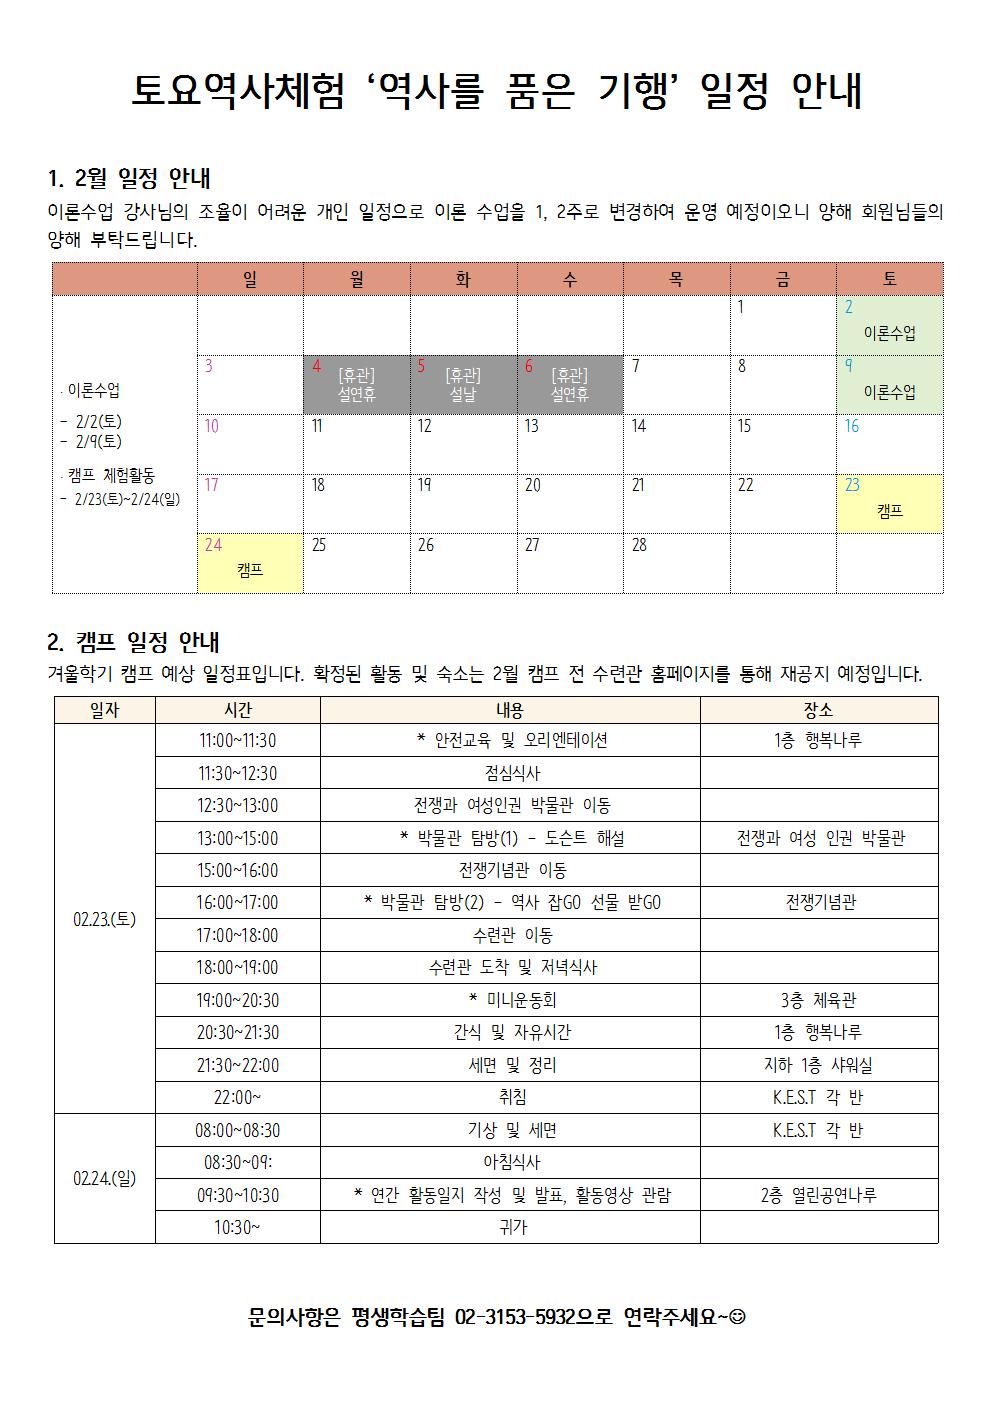 토요역사체험 '역사를 품은 기행' 일정변경 안내문001.png